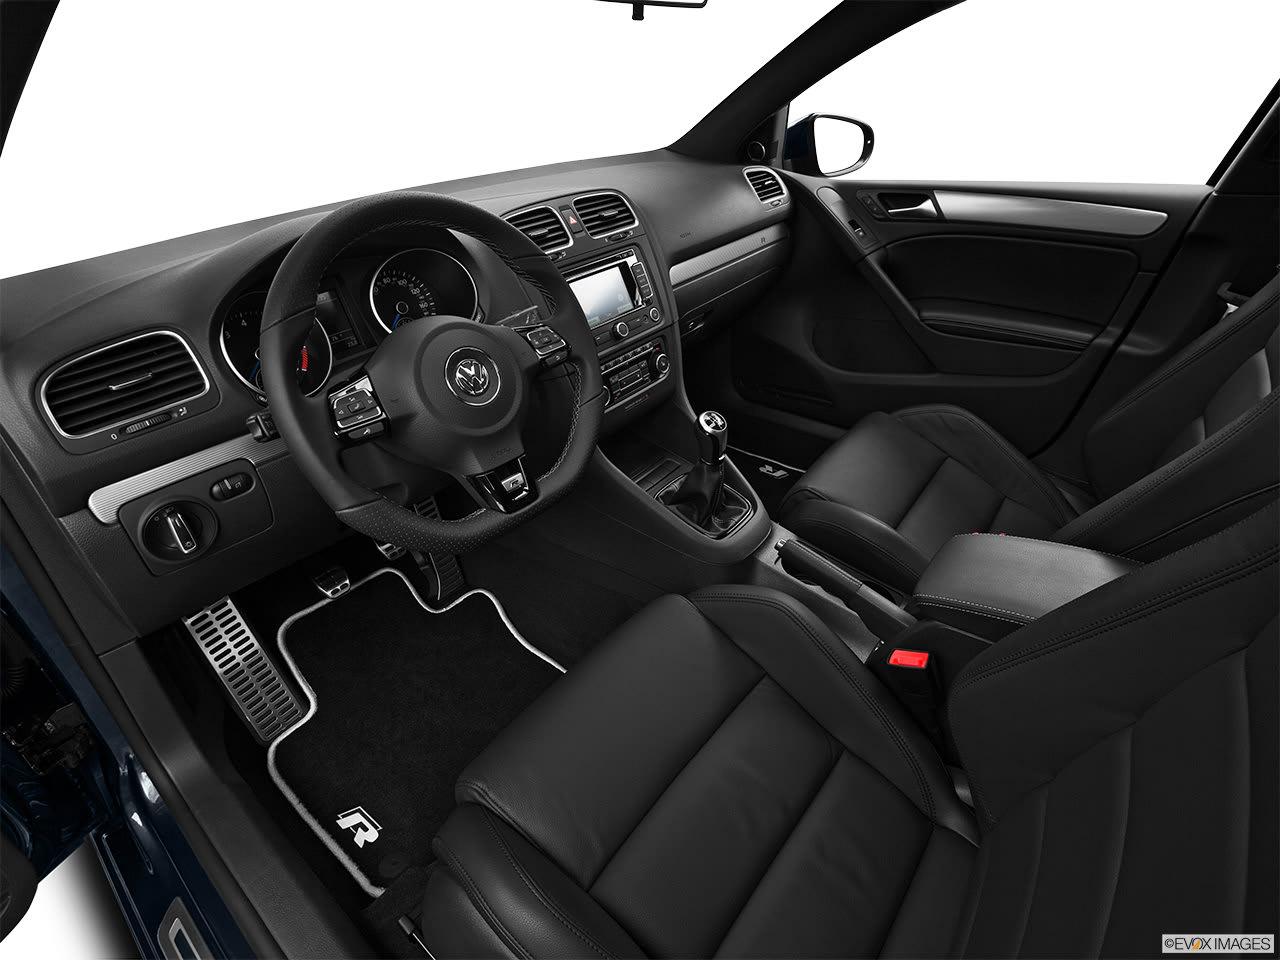 Volkswagen Golf R 2012 Interior